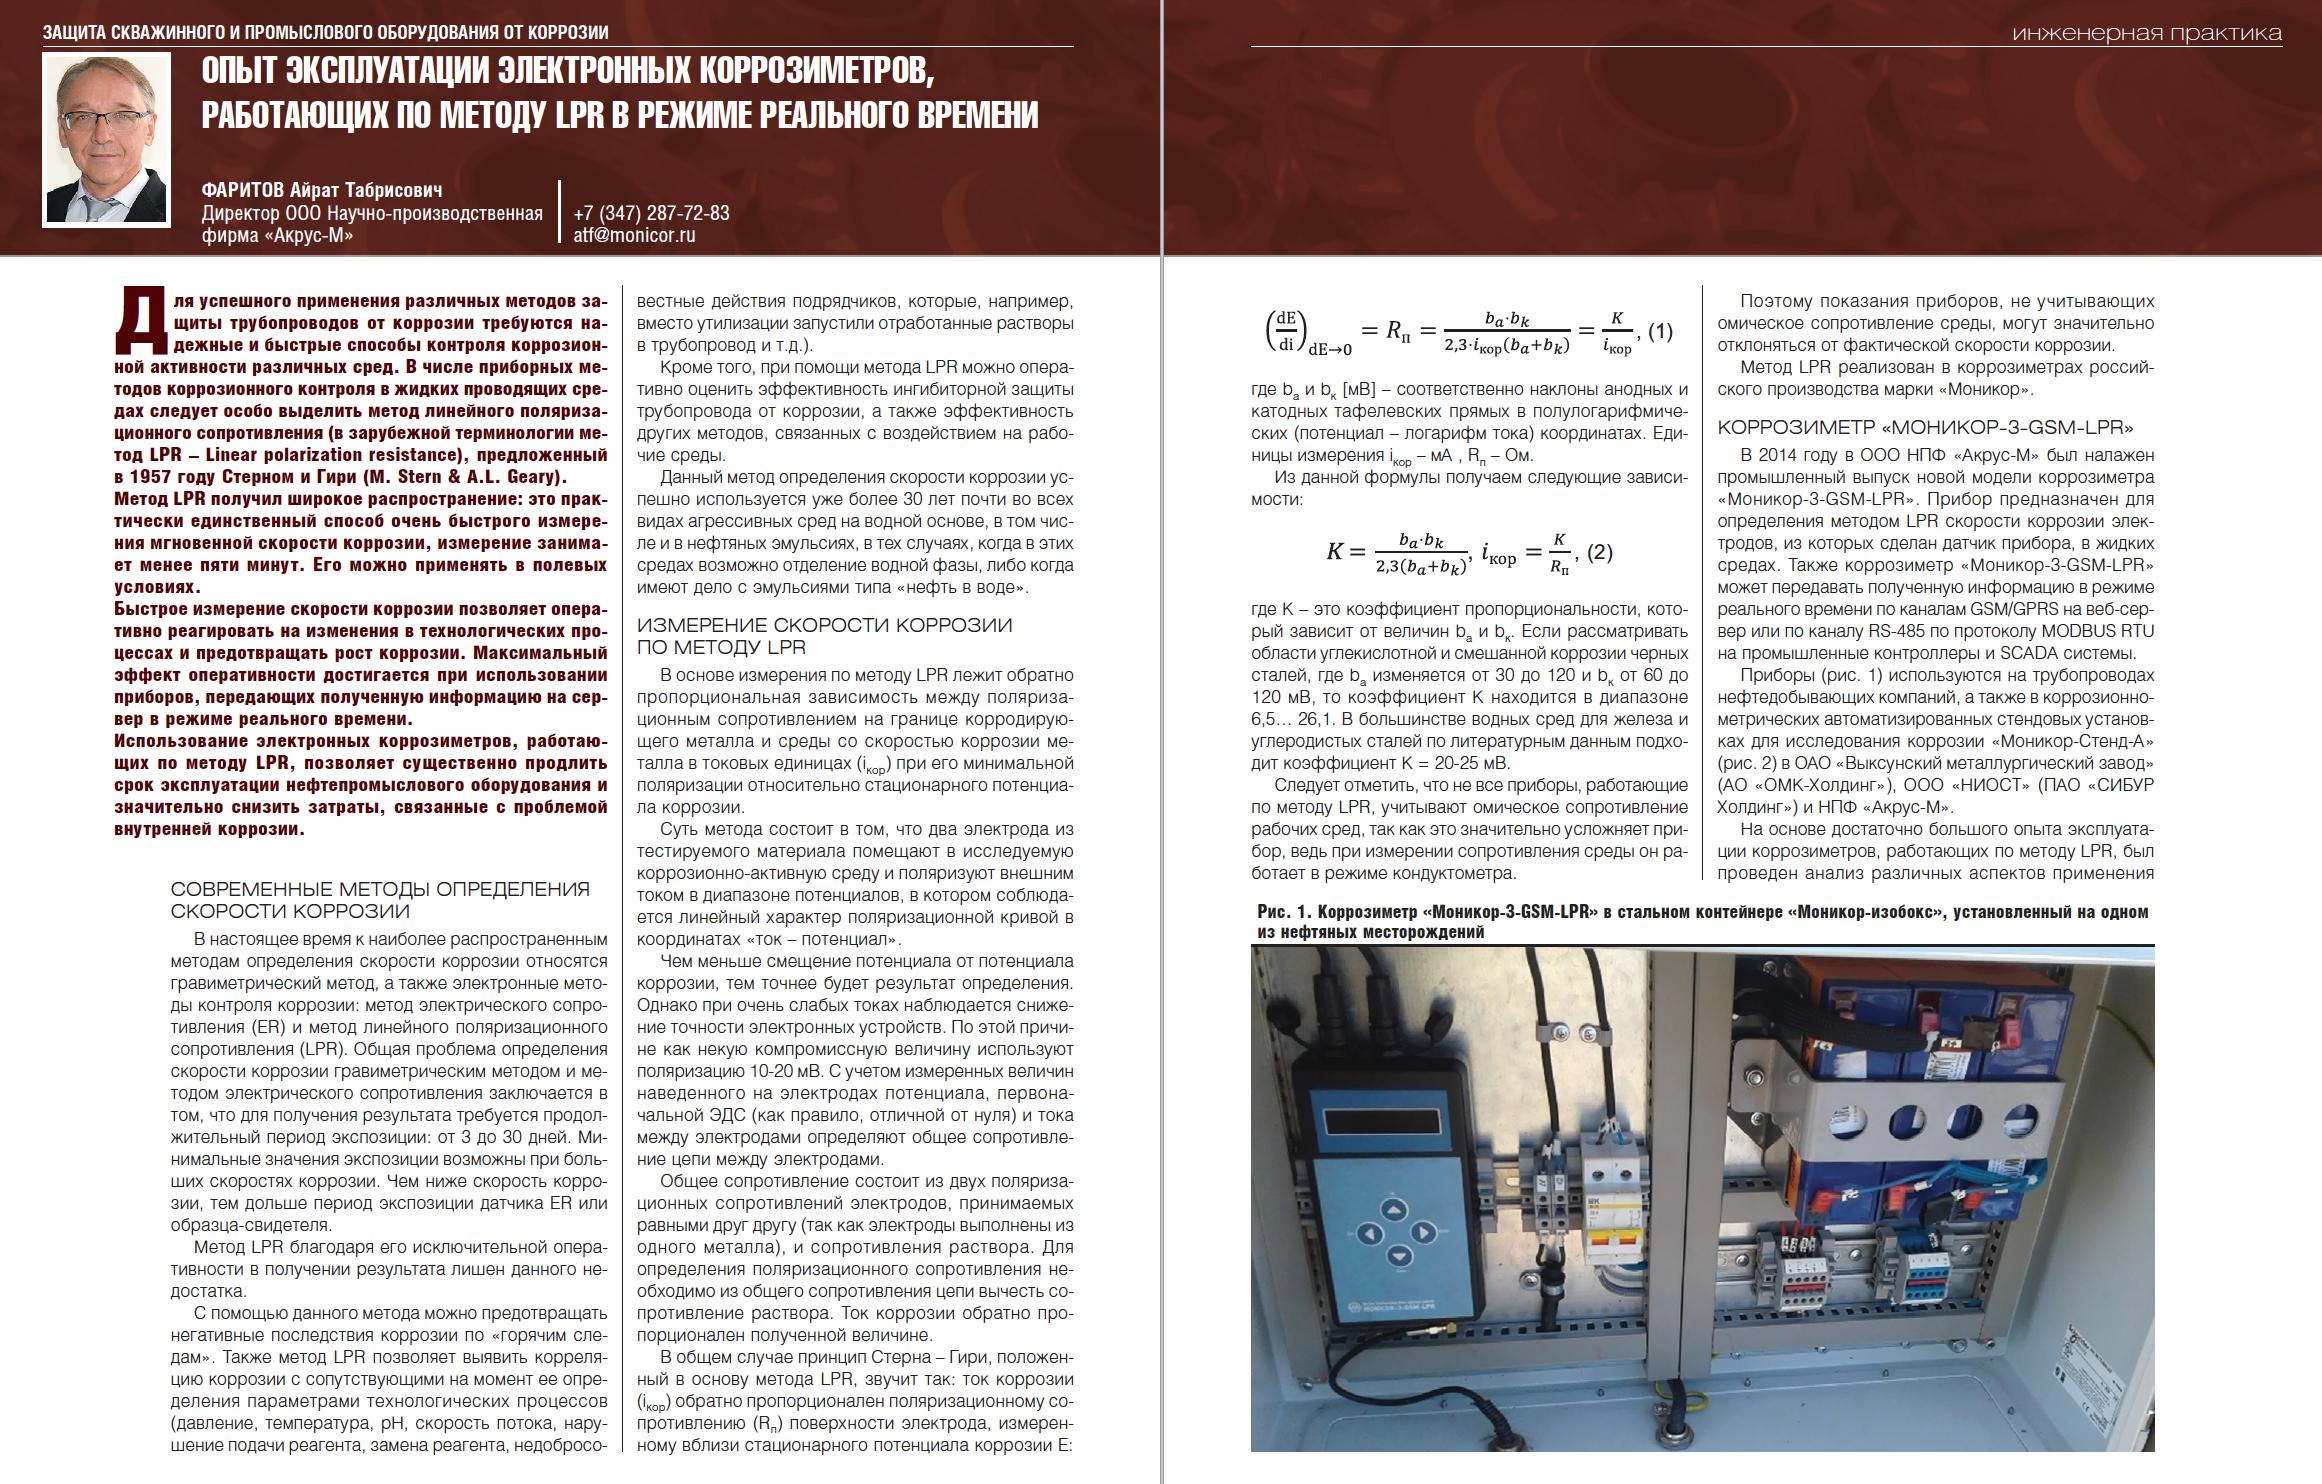 33683 Опыт эксплуатации электронных коррозиметров, работающих по методу LPR в режиме реального времени